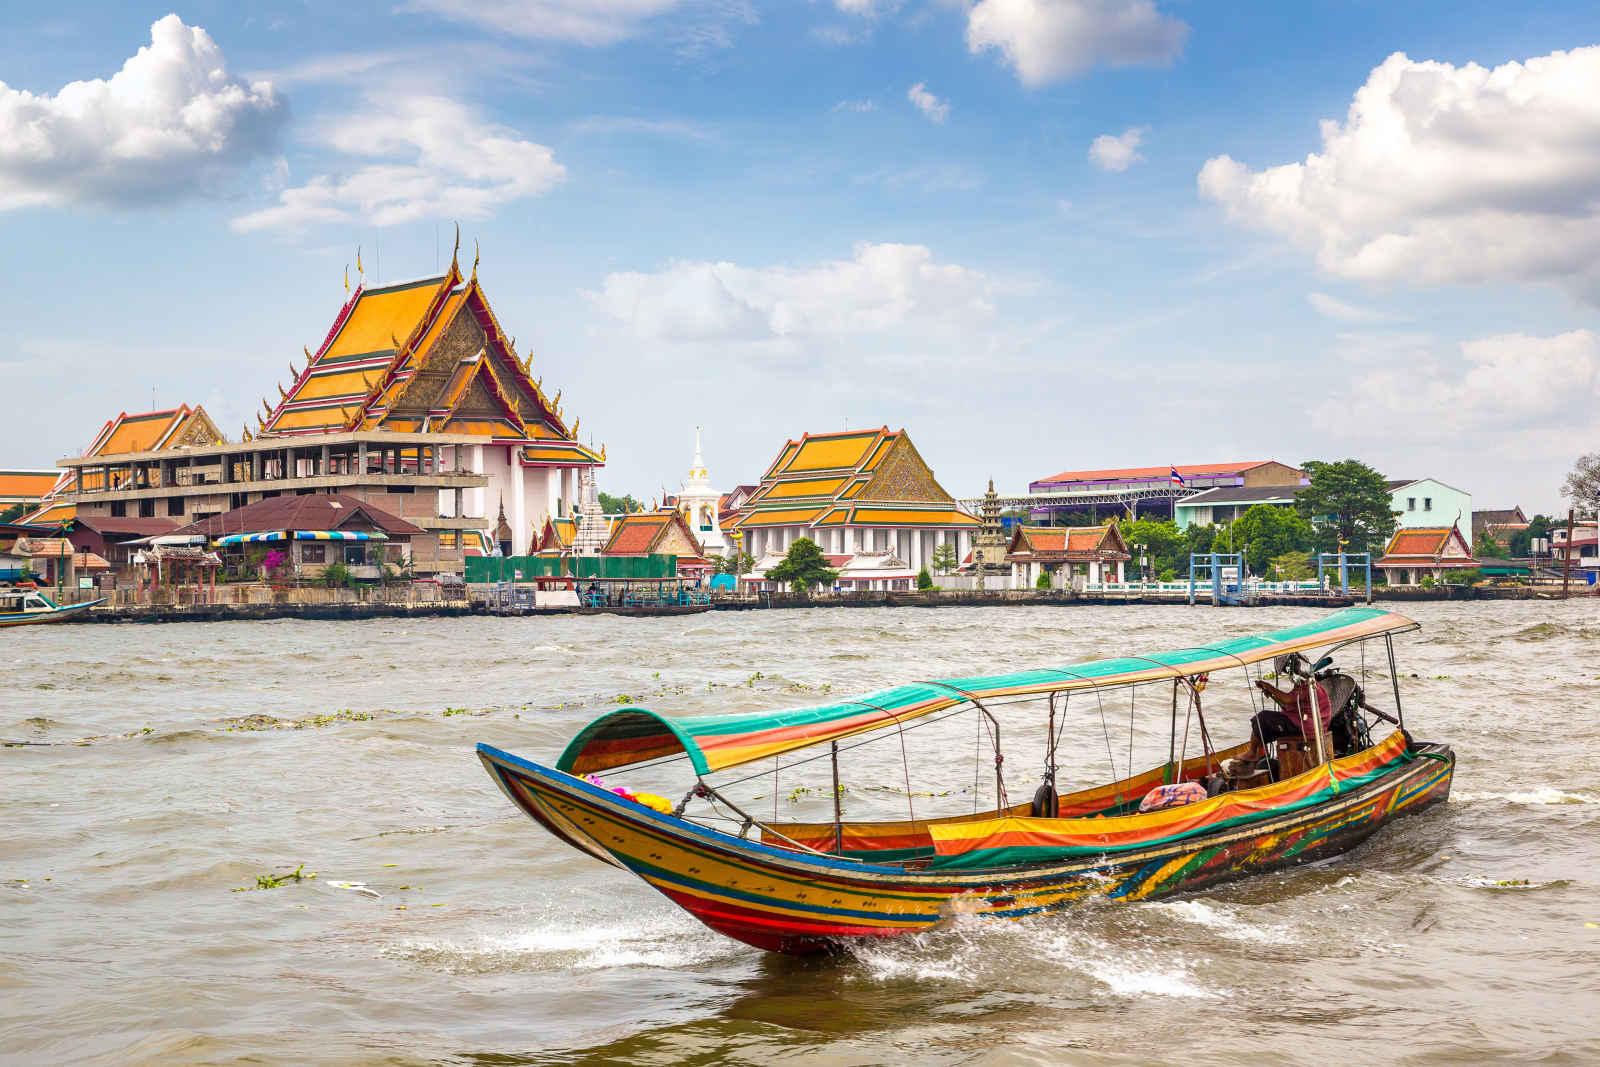 Thaïlande : Découverte du royaume de Siam